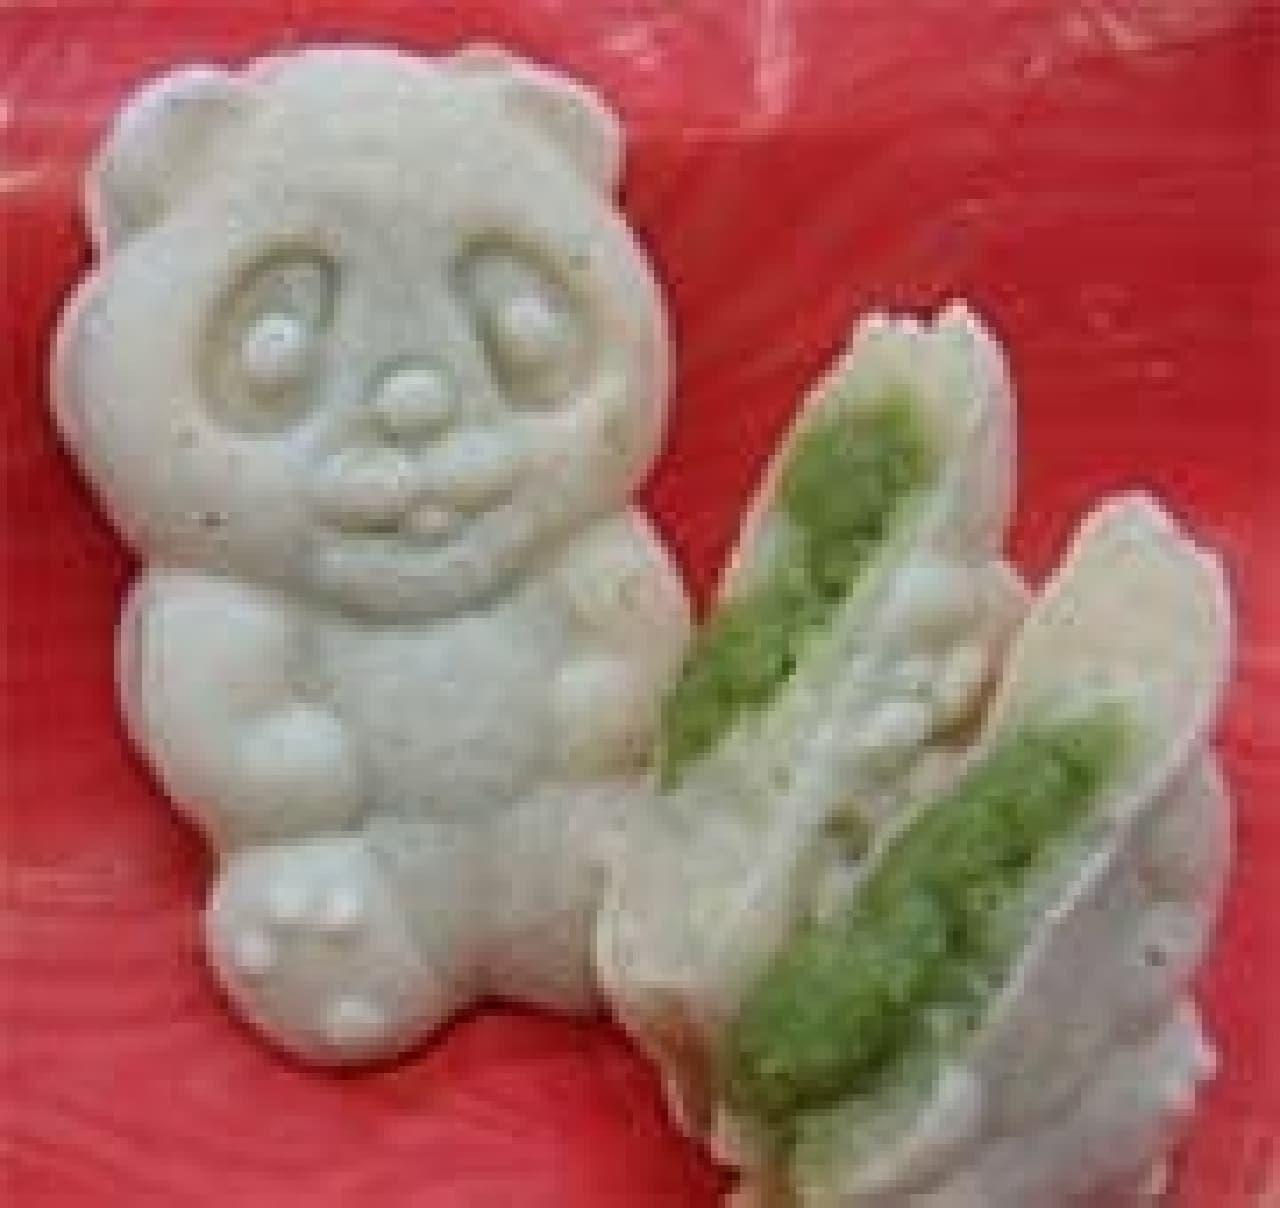 第1回の「おやつ日本一」に選ばれた 新潟県の「白パンダ焼き 弥彦むすめ」